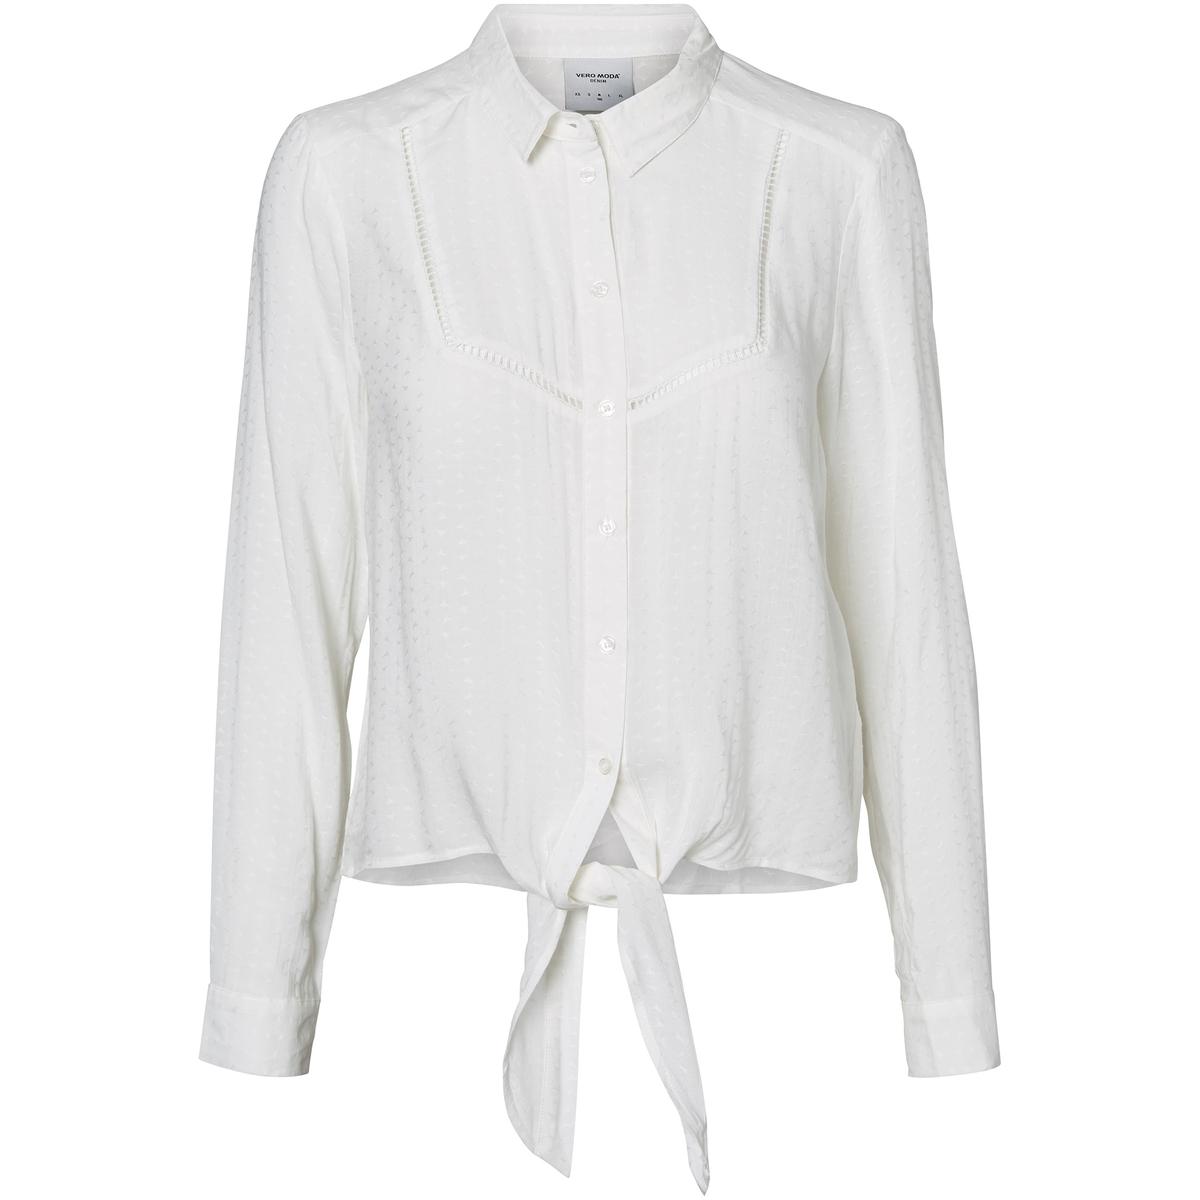 Блузка с длинными рукавами, пояс с завязками